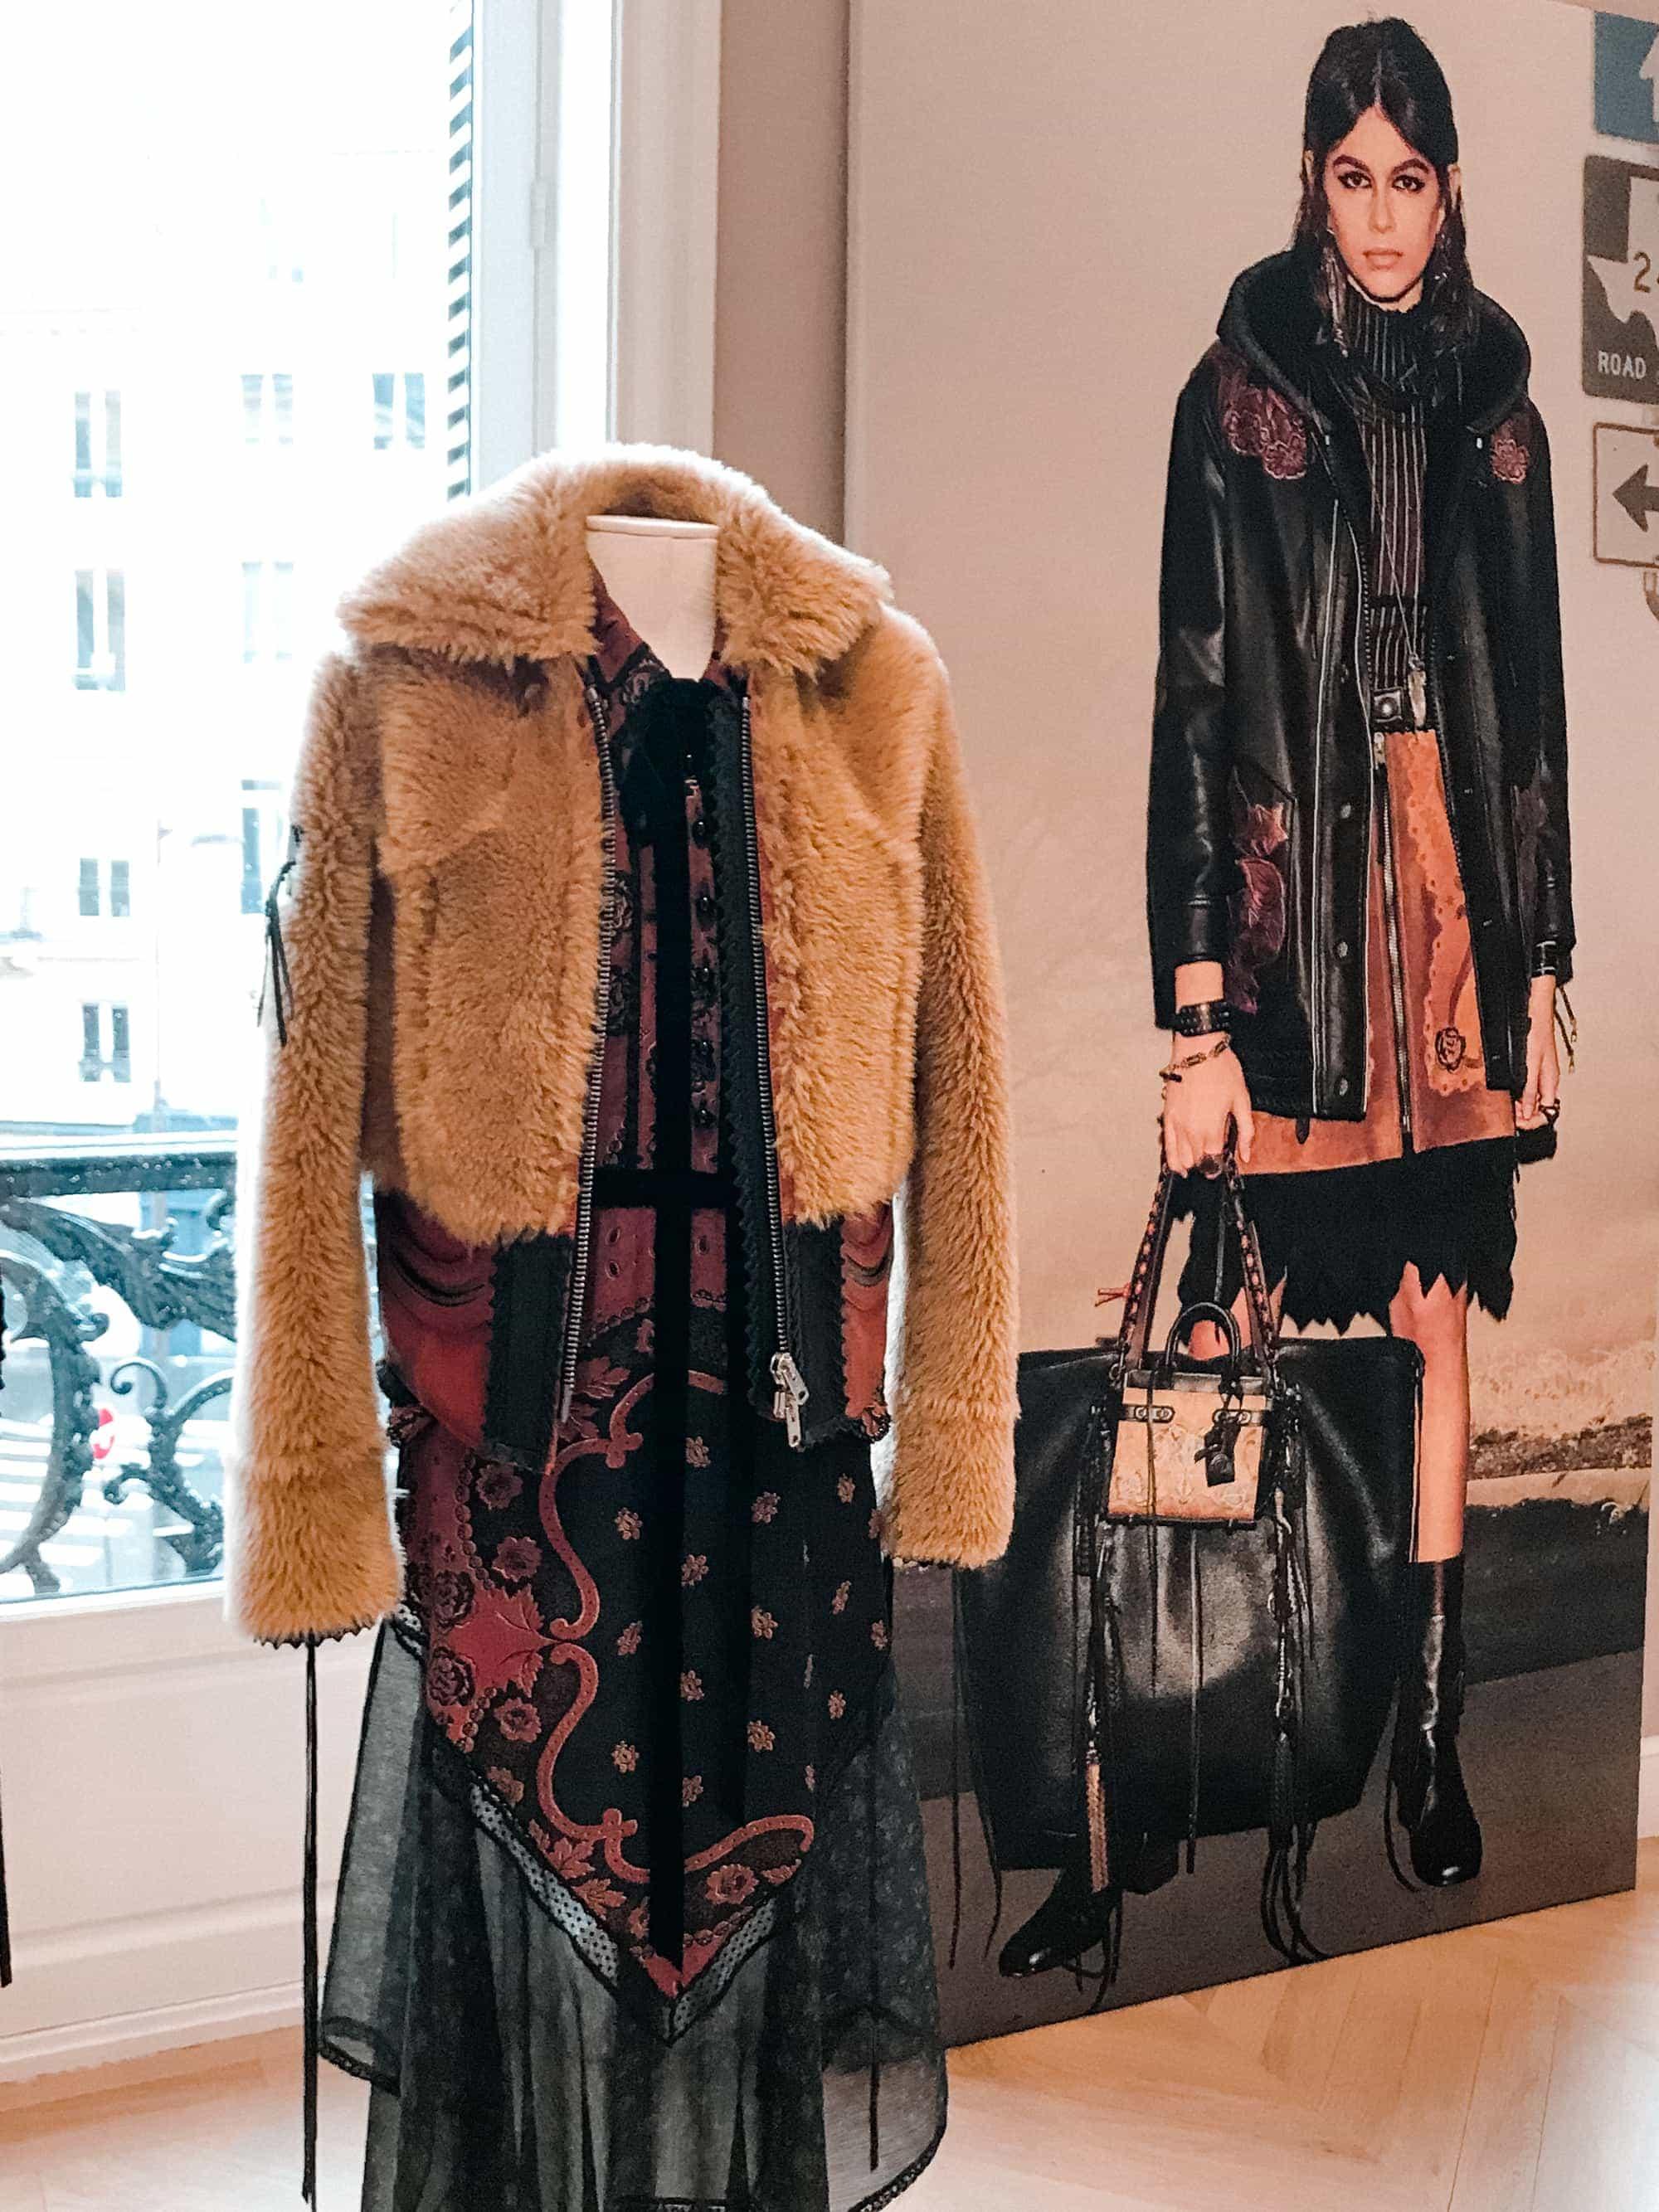 PFW, Fashion Show, Highlights, Runway, Paris, Paris Fashion Week, Fashion Week, Details, Collage, Bags, Coach